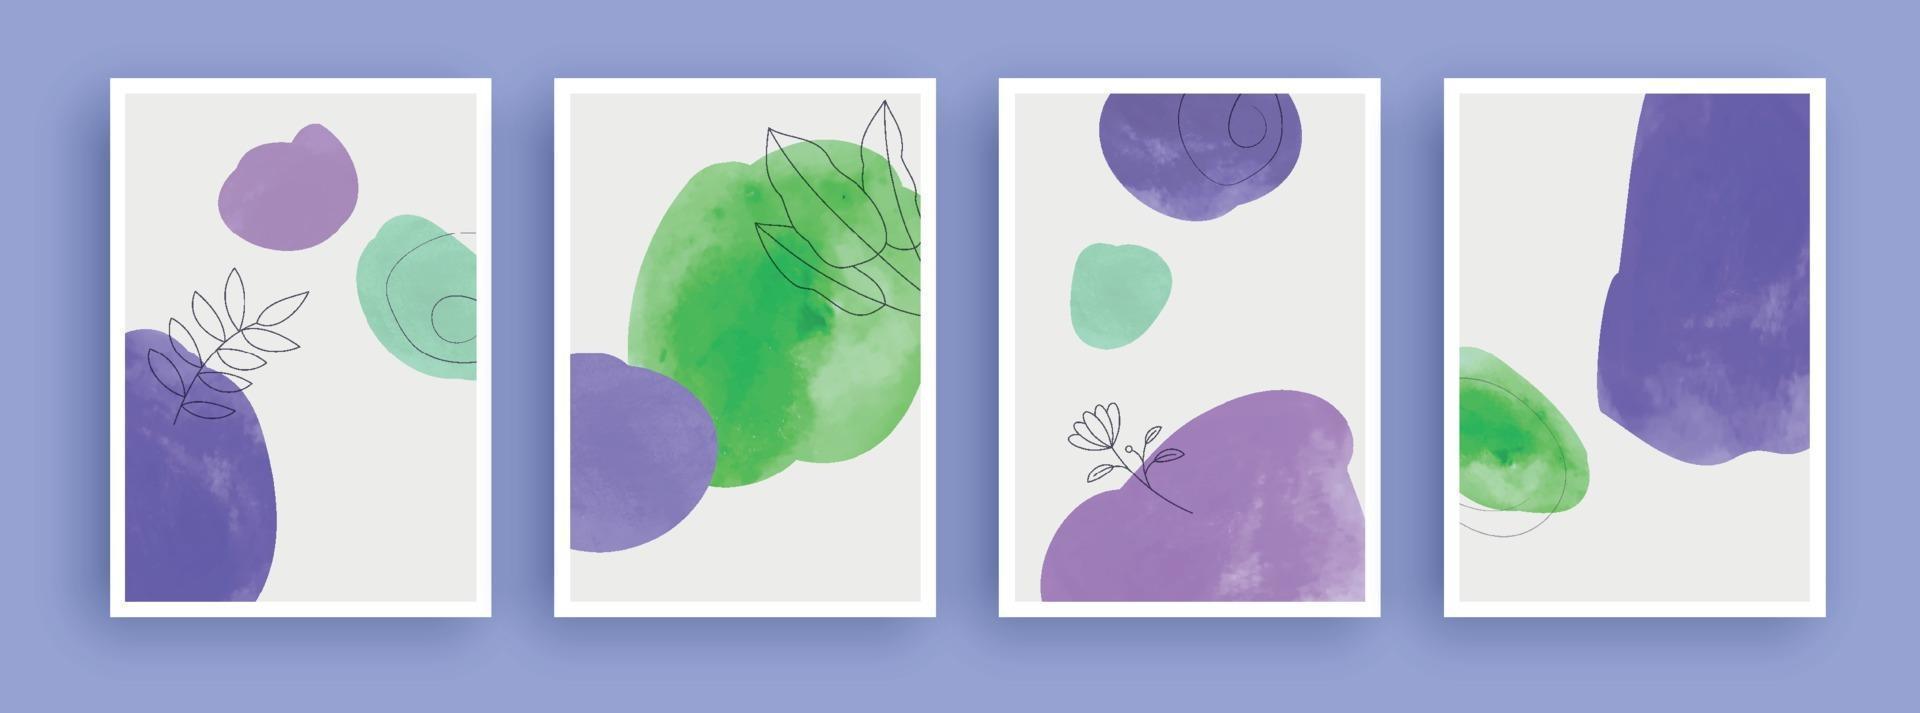 peinture d'art abstrait avec tache d'aquarelle sur fond de couleurs pastel. éléments géométriques minimalistes et ligne dessinée à la main. style nordique scandinave du milieu du siècle. vecteur